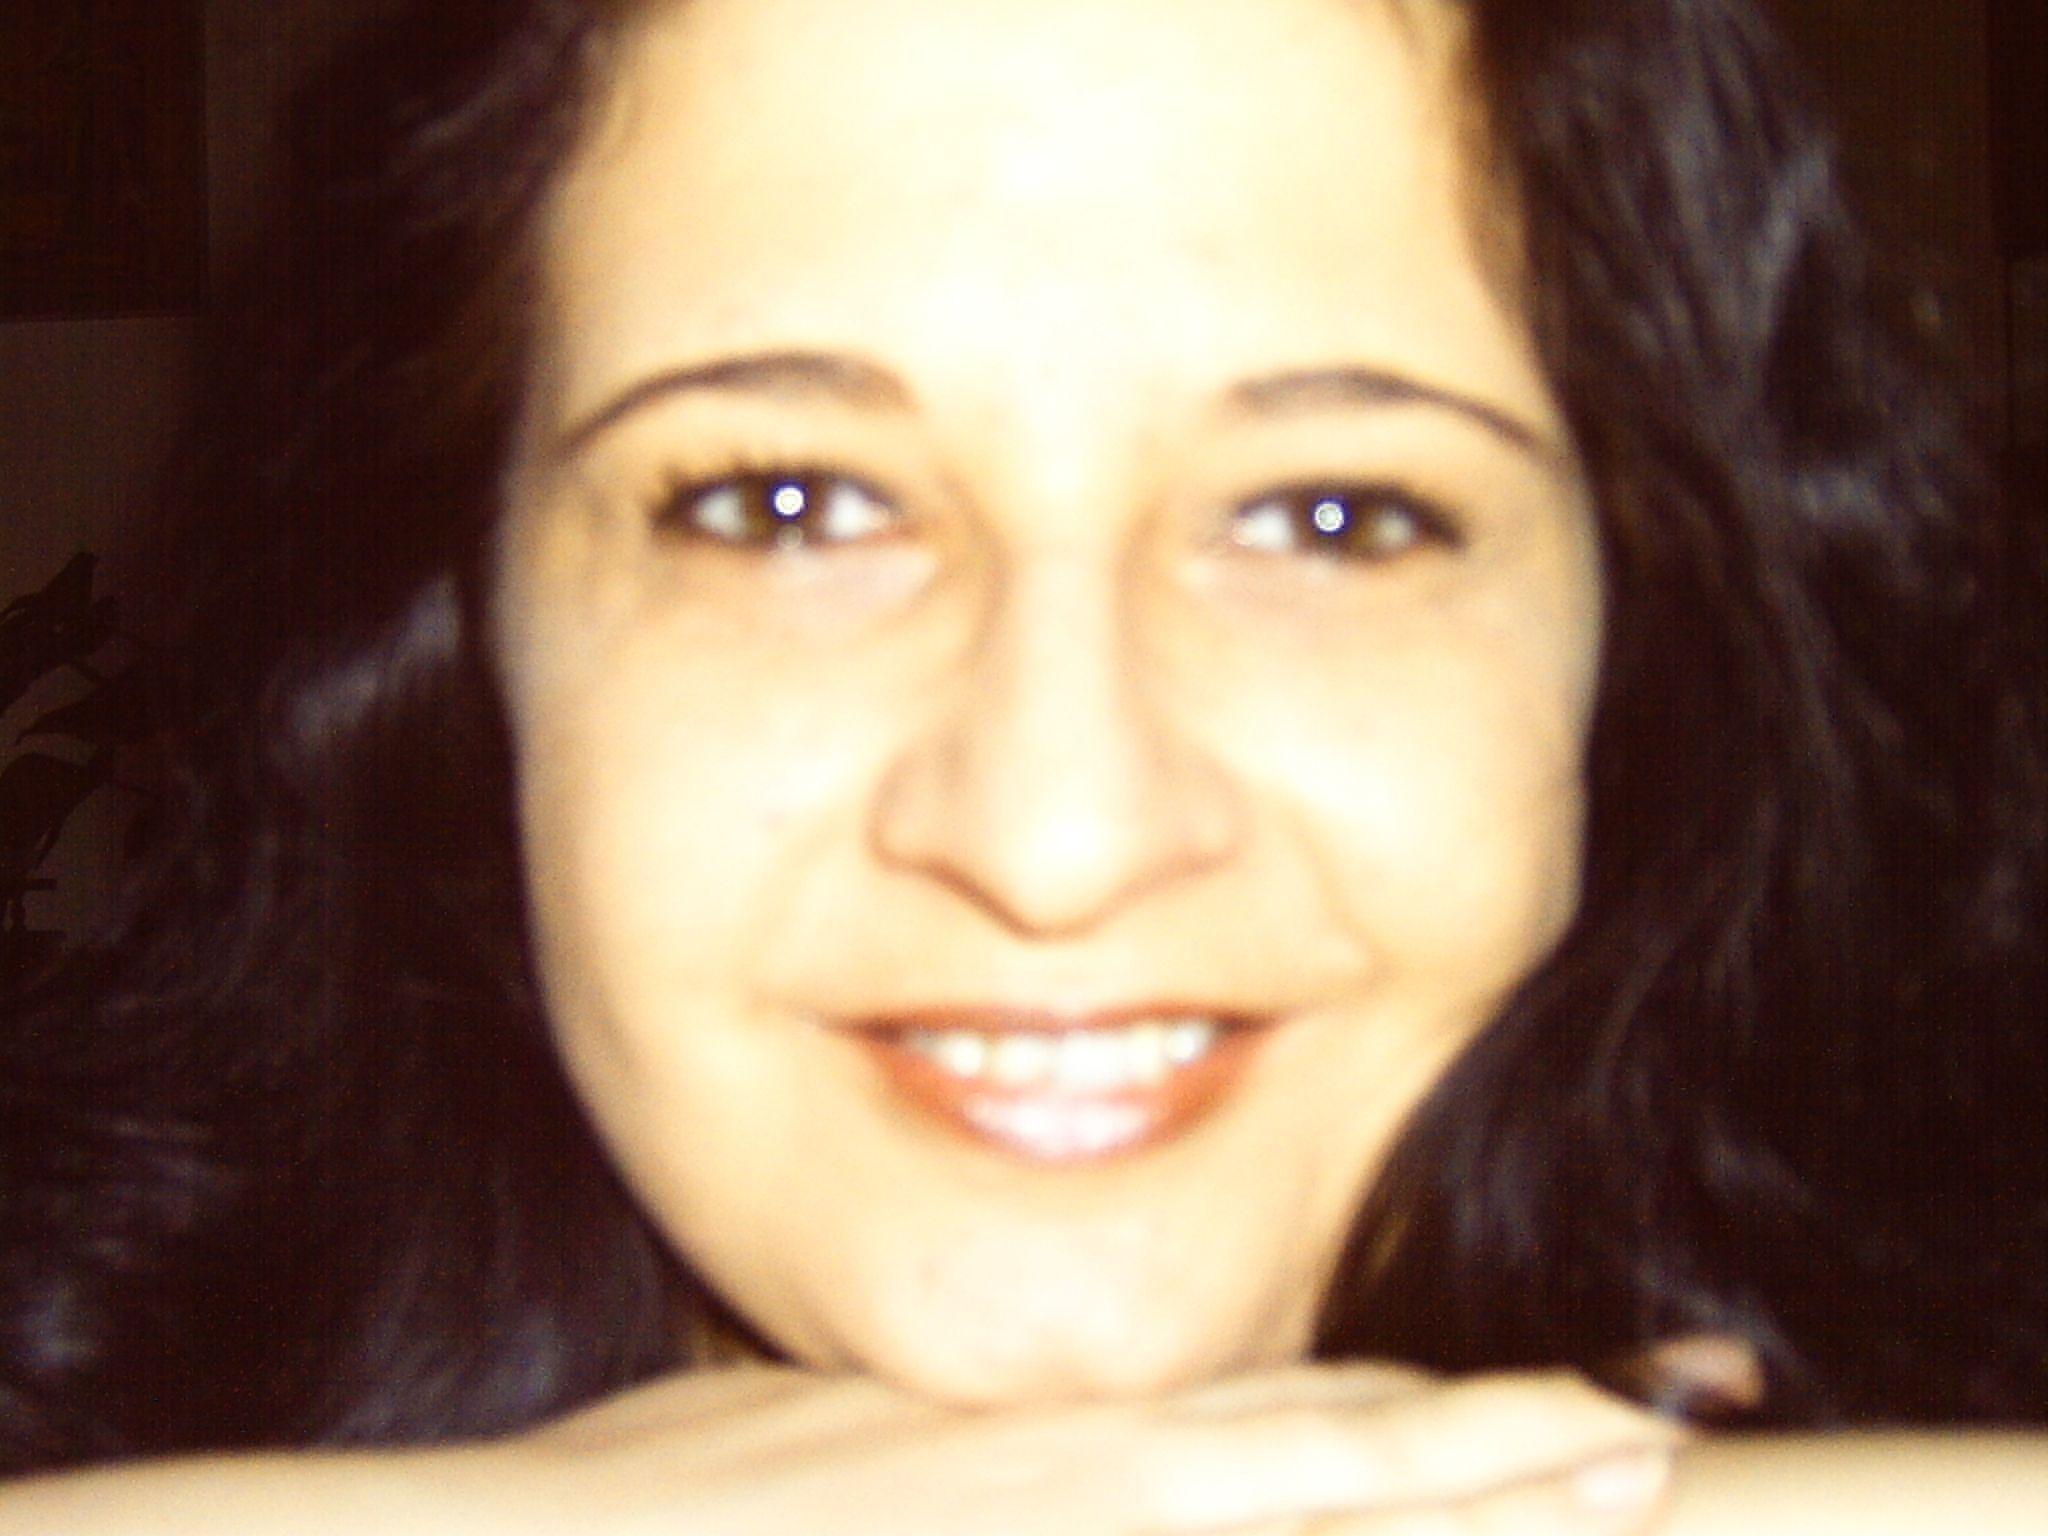 """Katja Elsner in unserem Autorenportrait zu unserer Aktion der Woche """"Autorenbadges"""":  https://www.facebook.com/photo.php?fbid=10151952594194257&set=a.333483889256.184078.82098729256&type=1"""